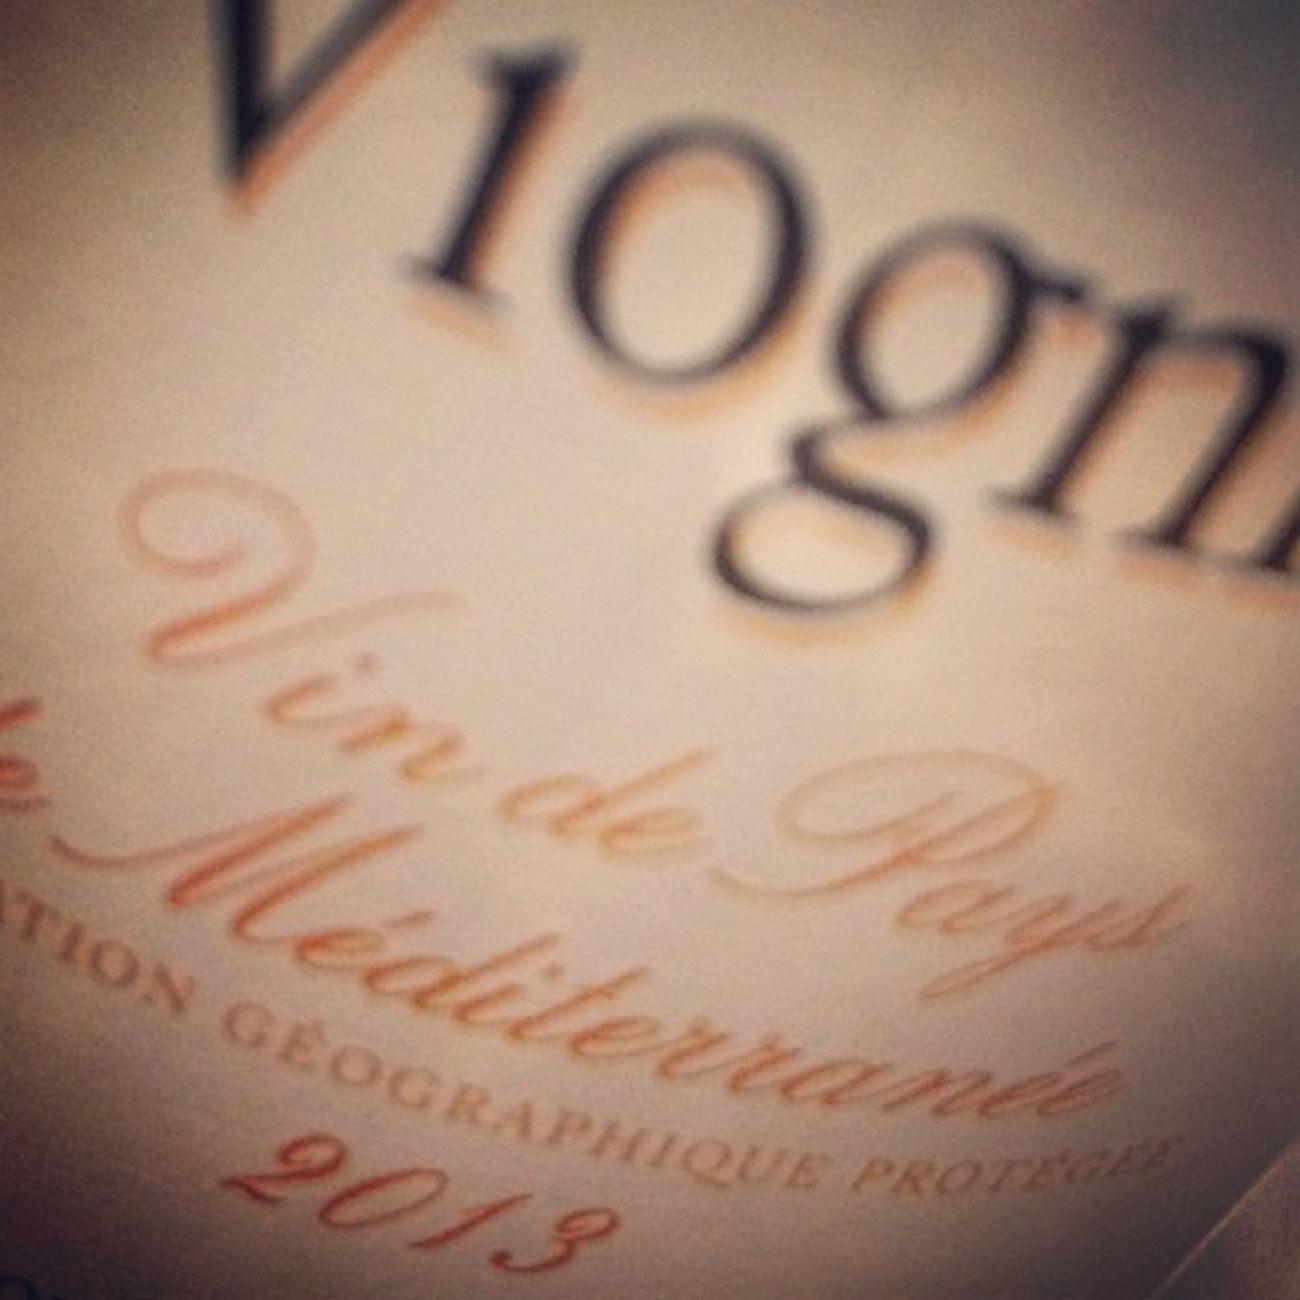 Viognier. Winolife Whitewine Instawine